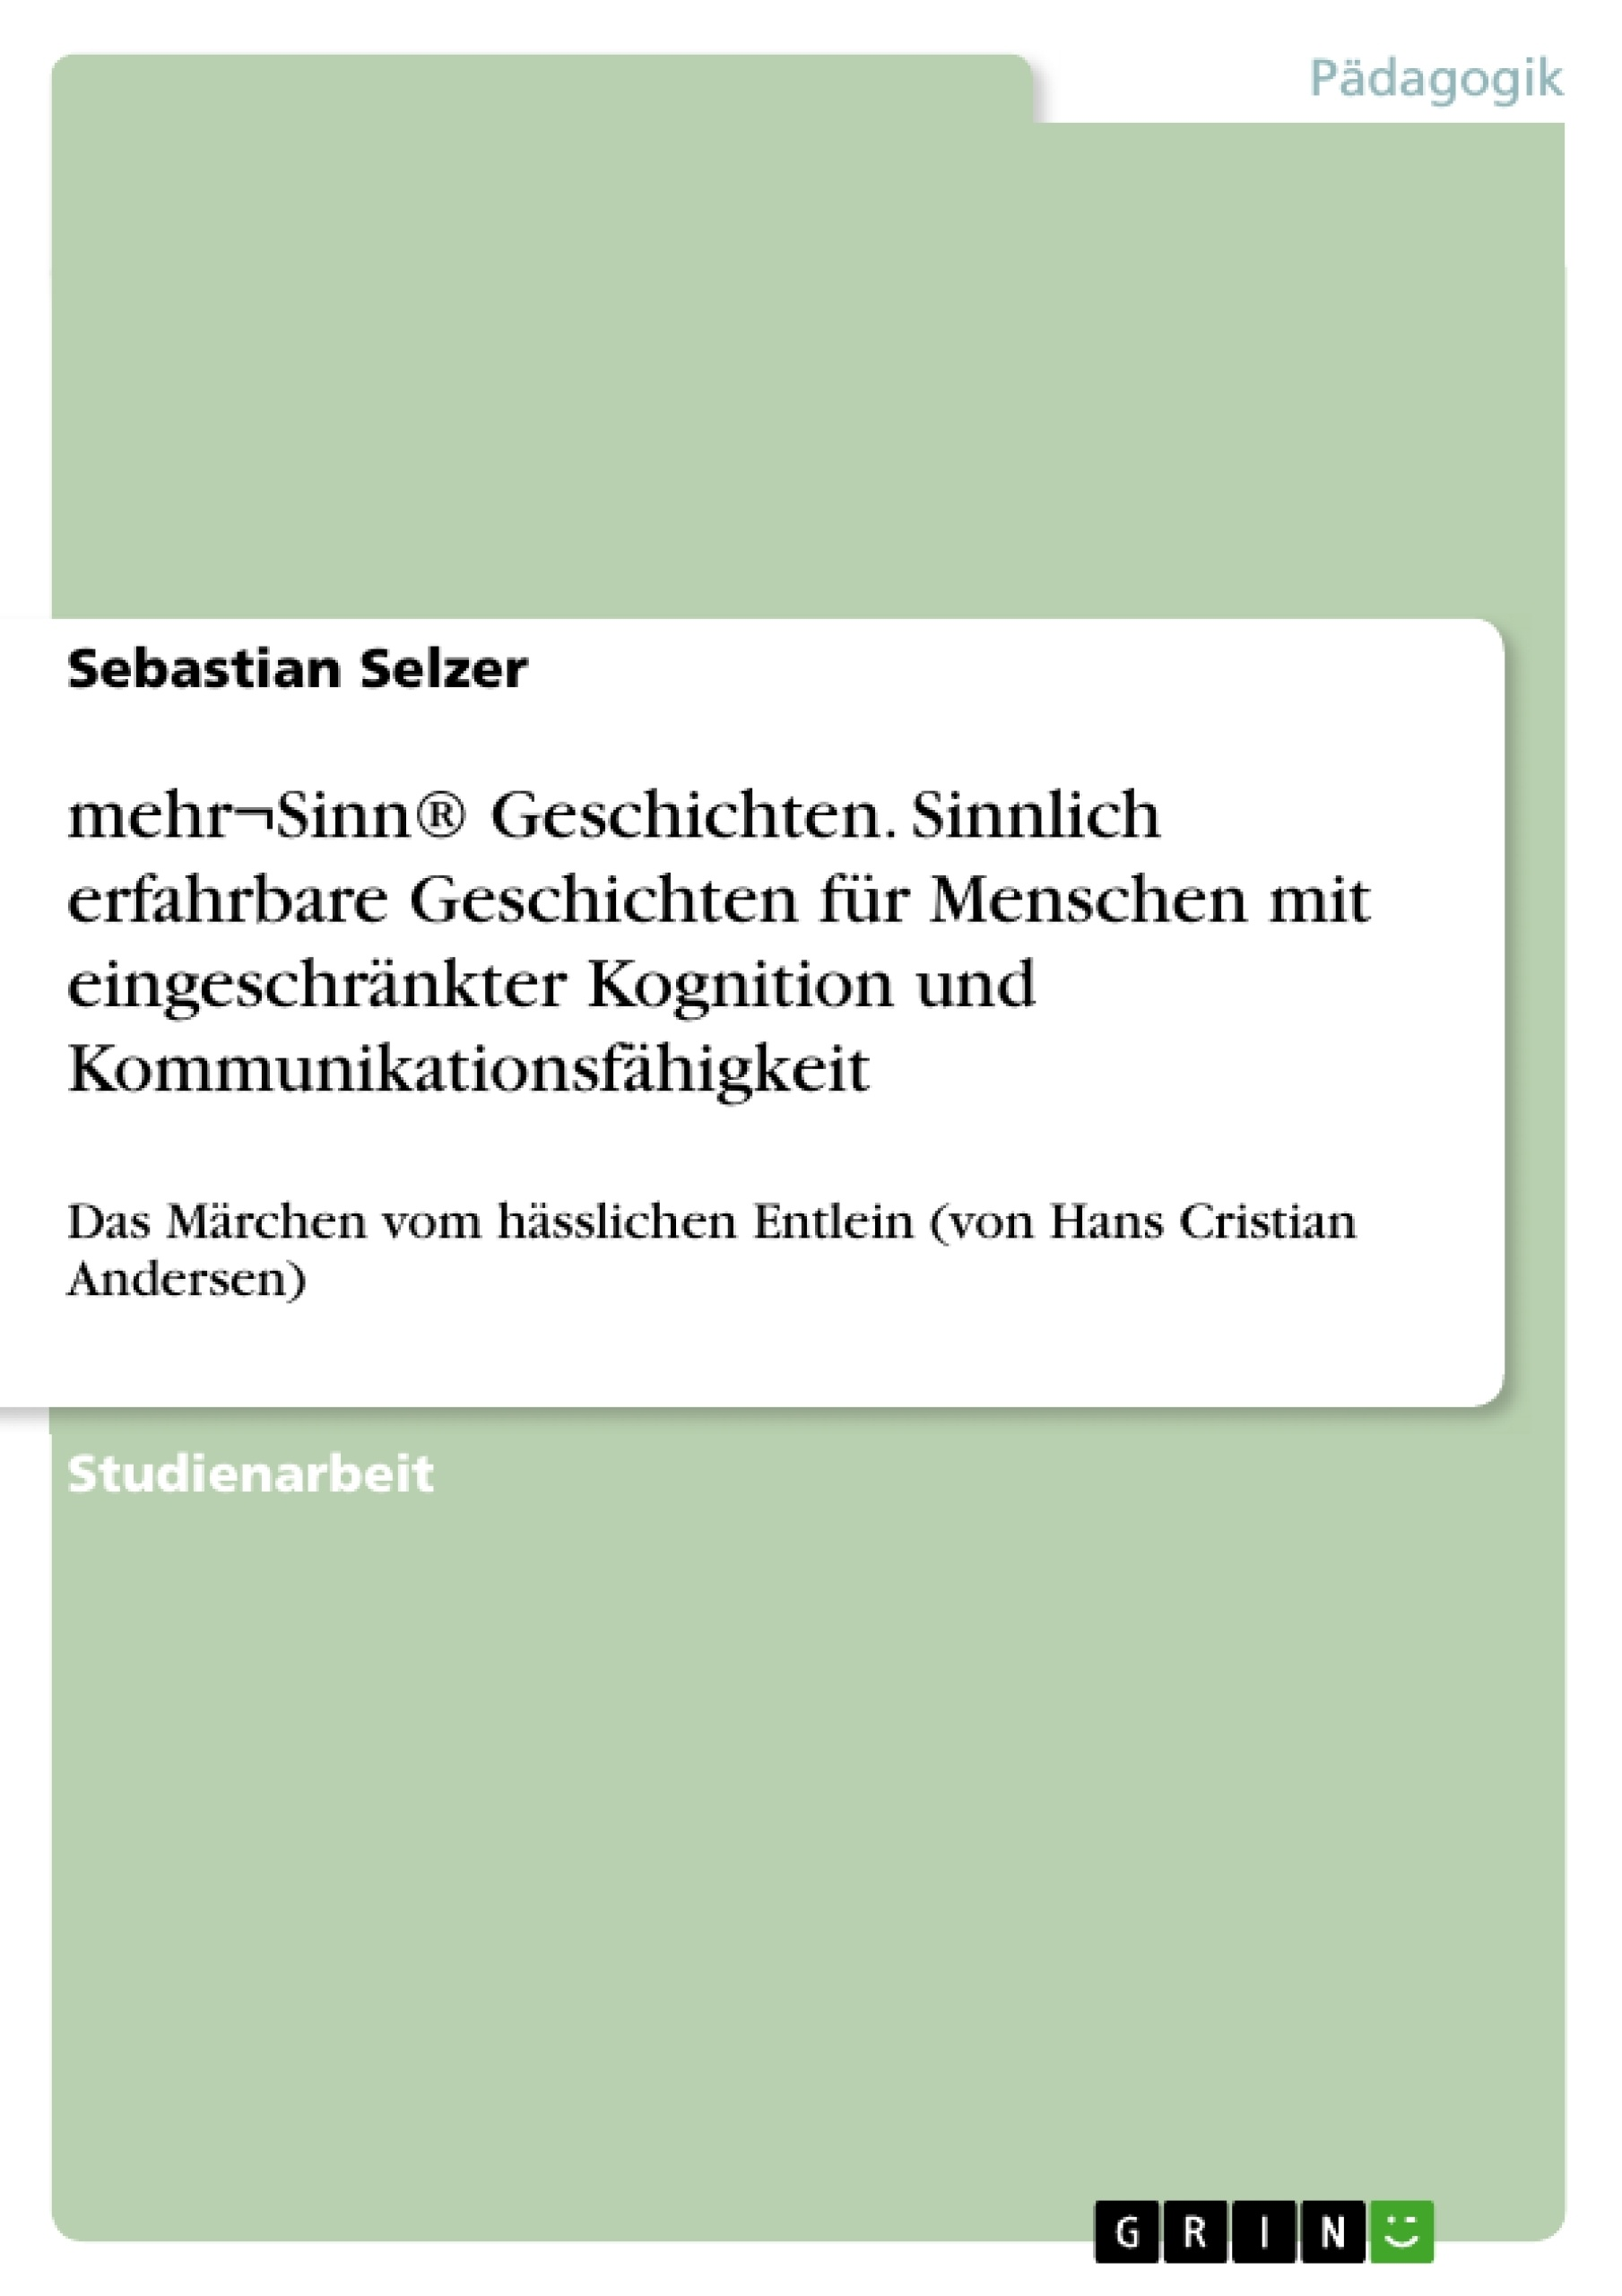 Schön Kostenlose Vorlage Für Geschickten Handel Galerie - Entry ...